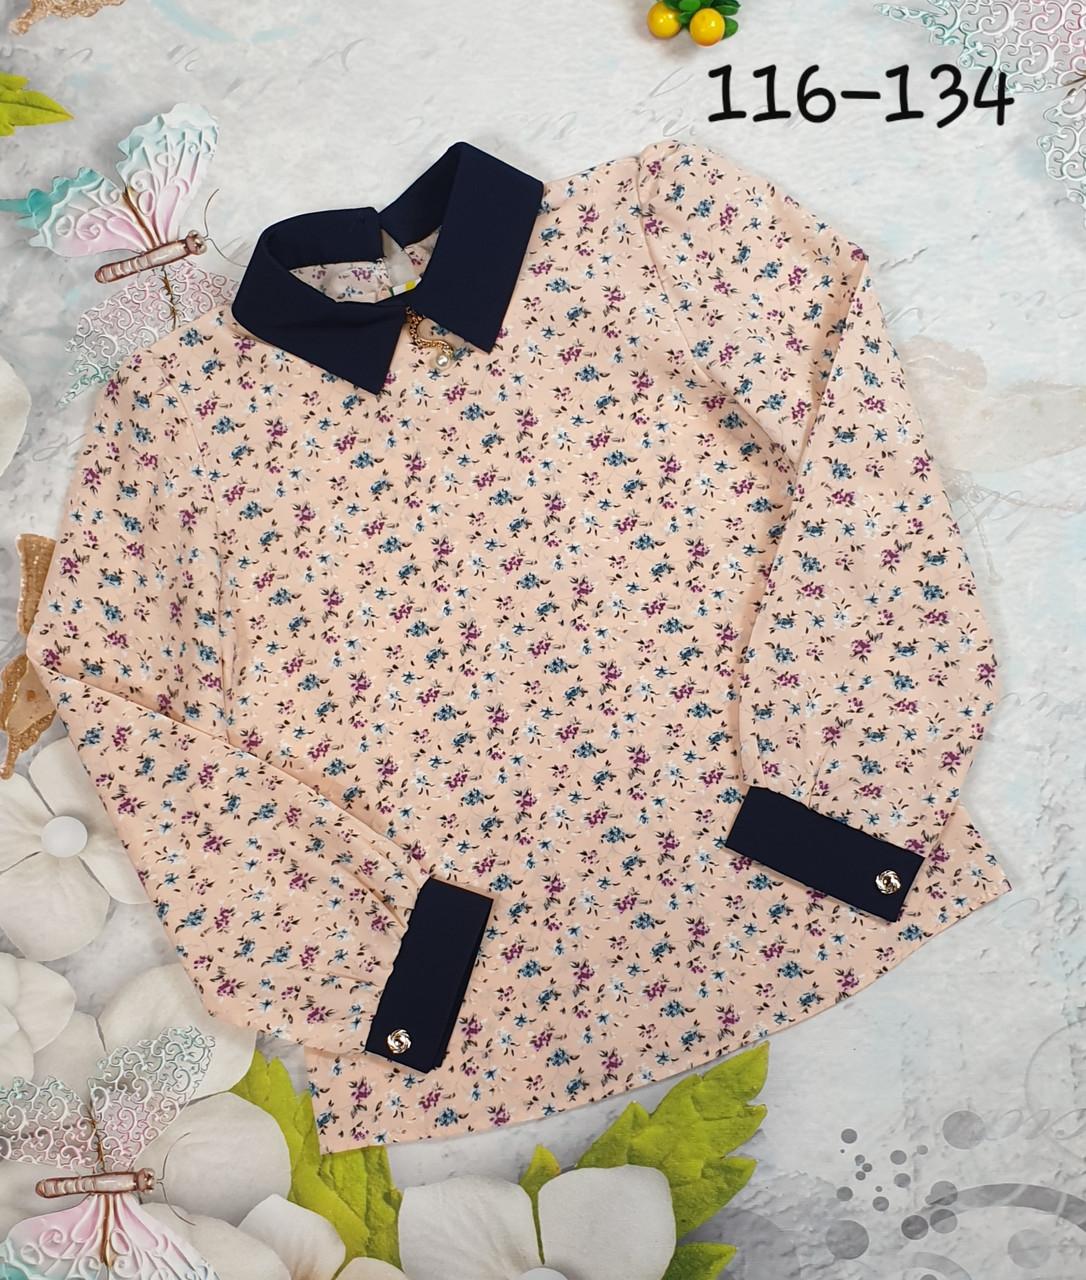 Блузка с длинным рукавом  116-134 на персиковом мелкие цветы